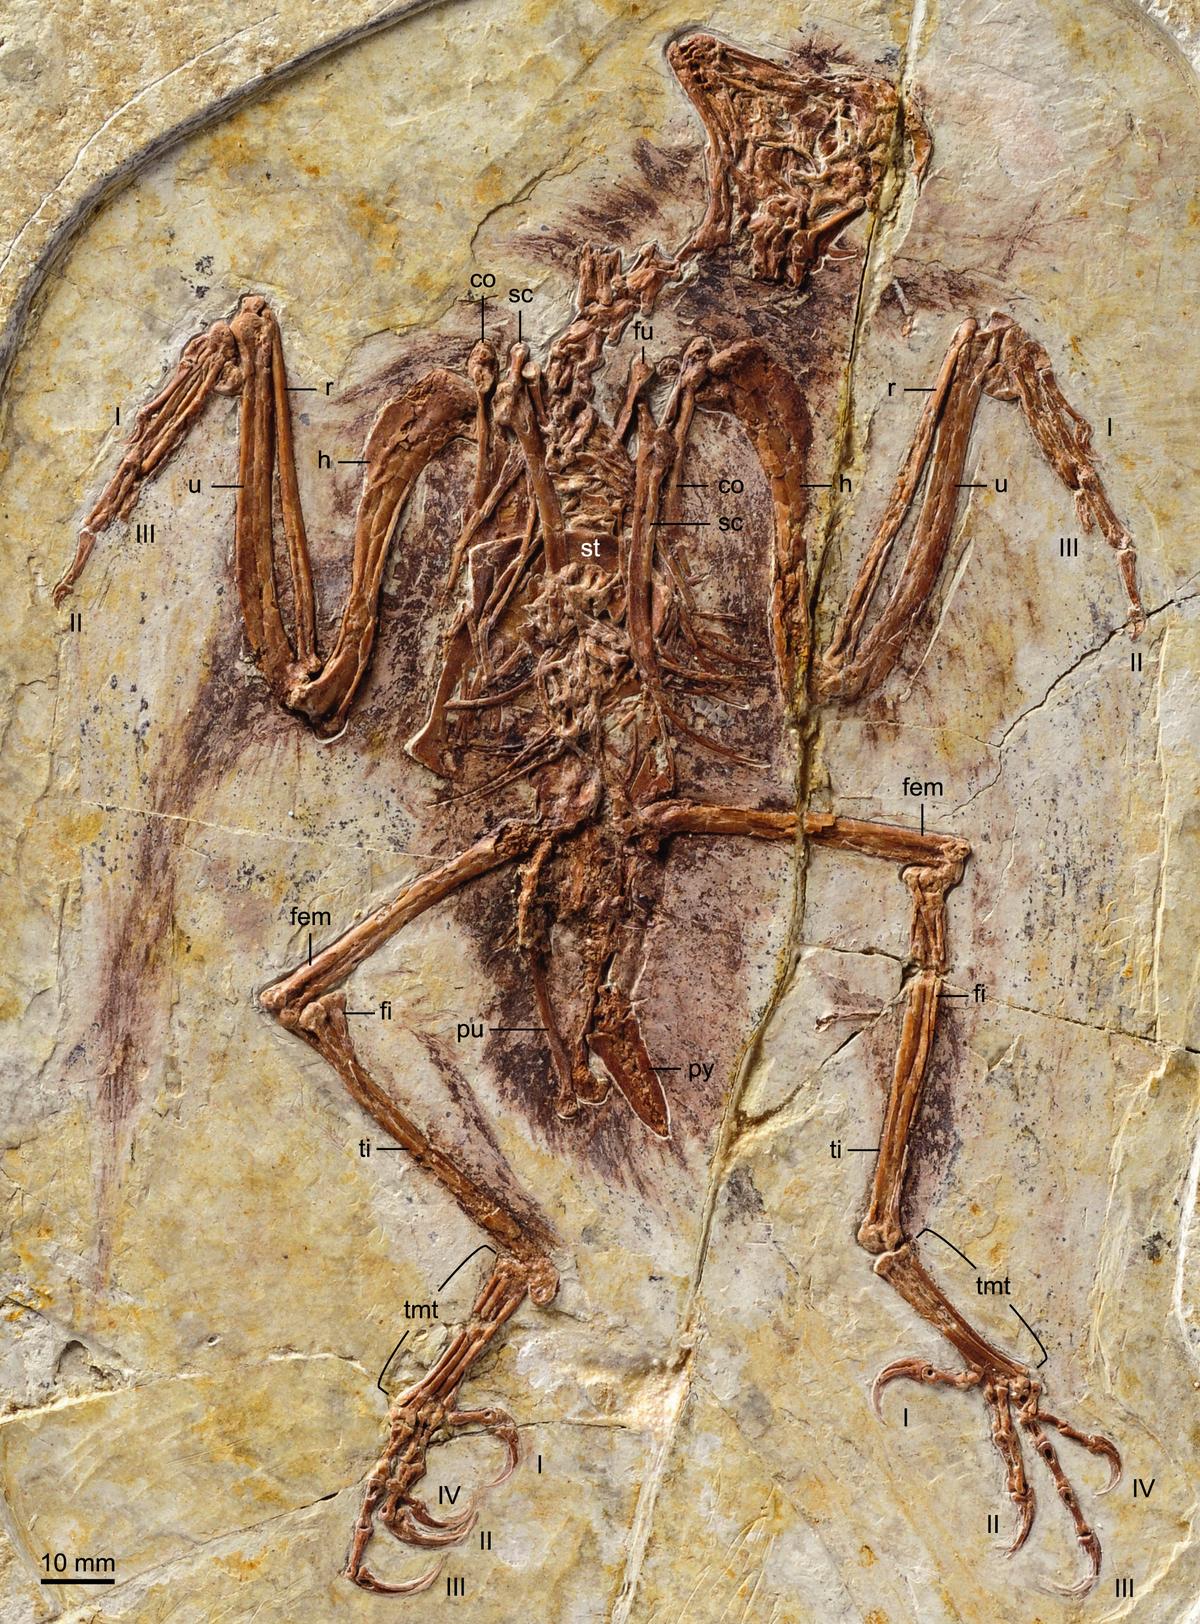 Enantiornithes - Wikipedia